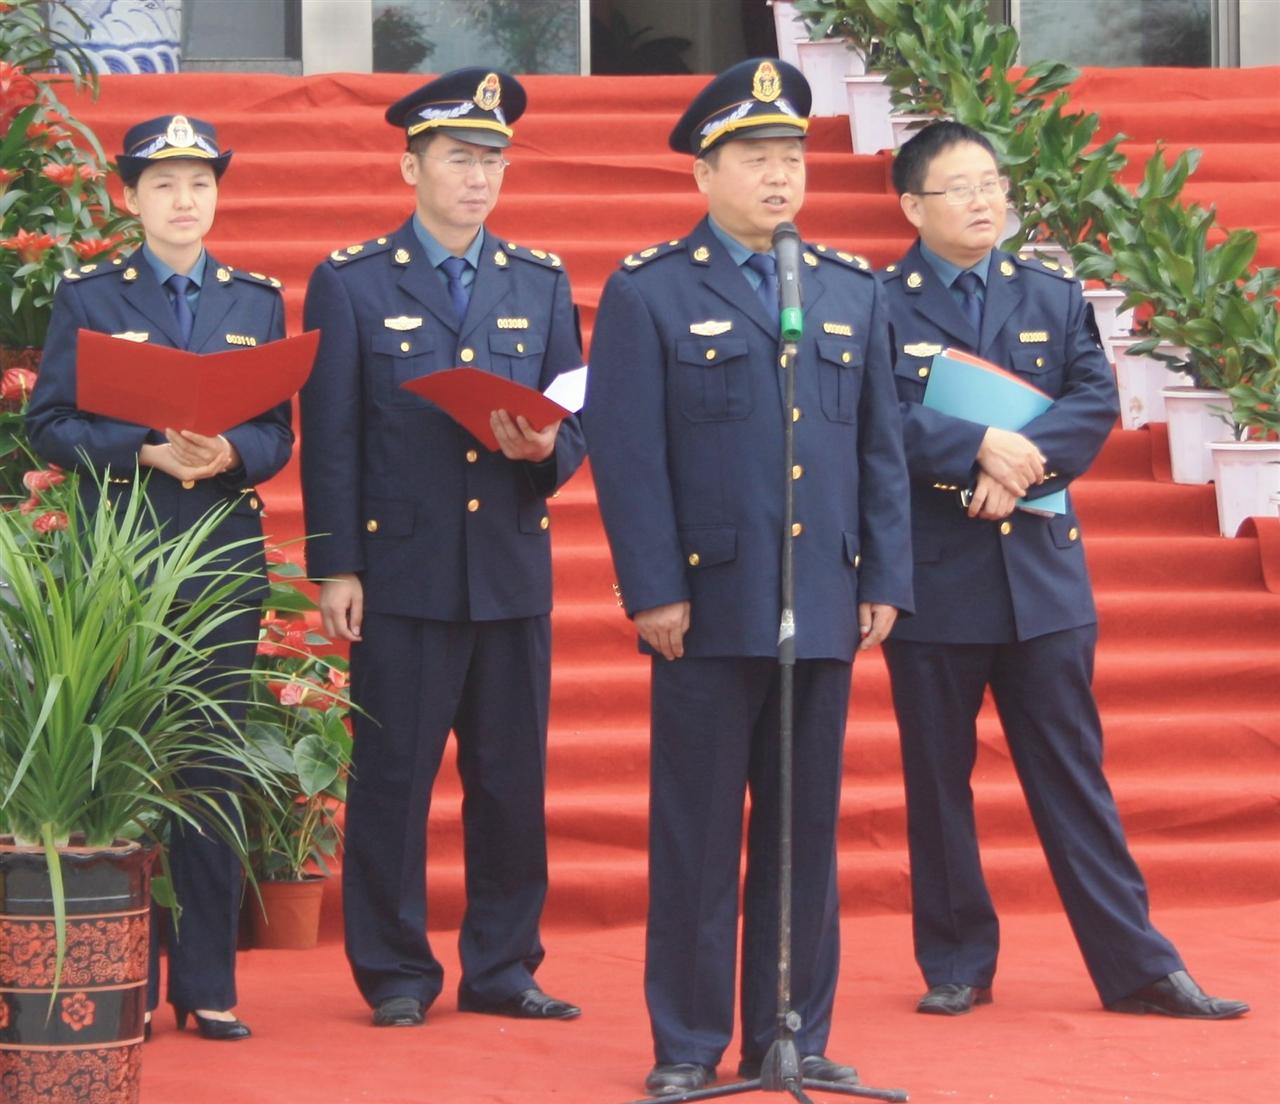 2011年9月30日换装仪式